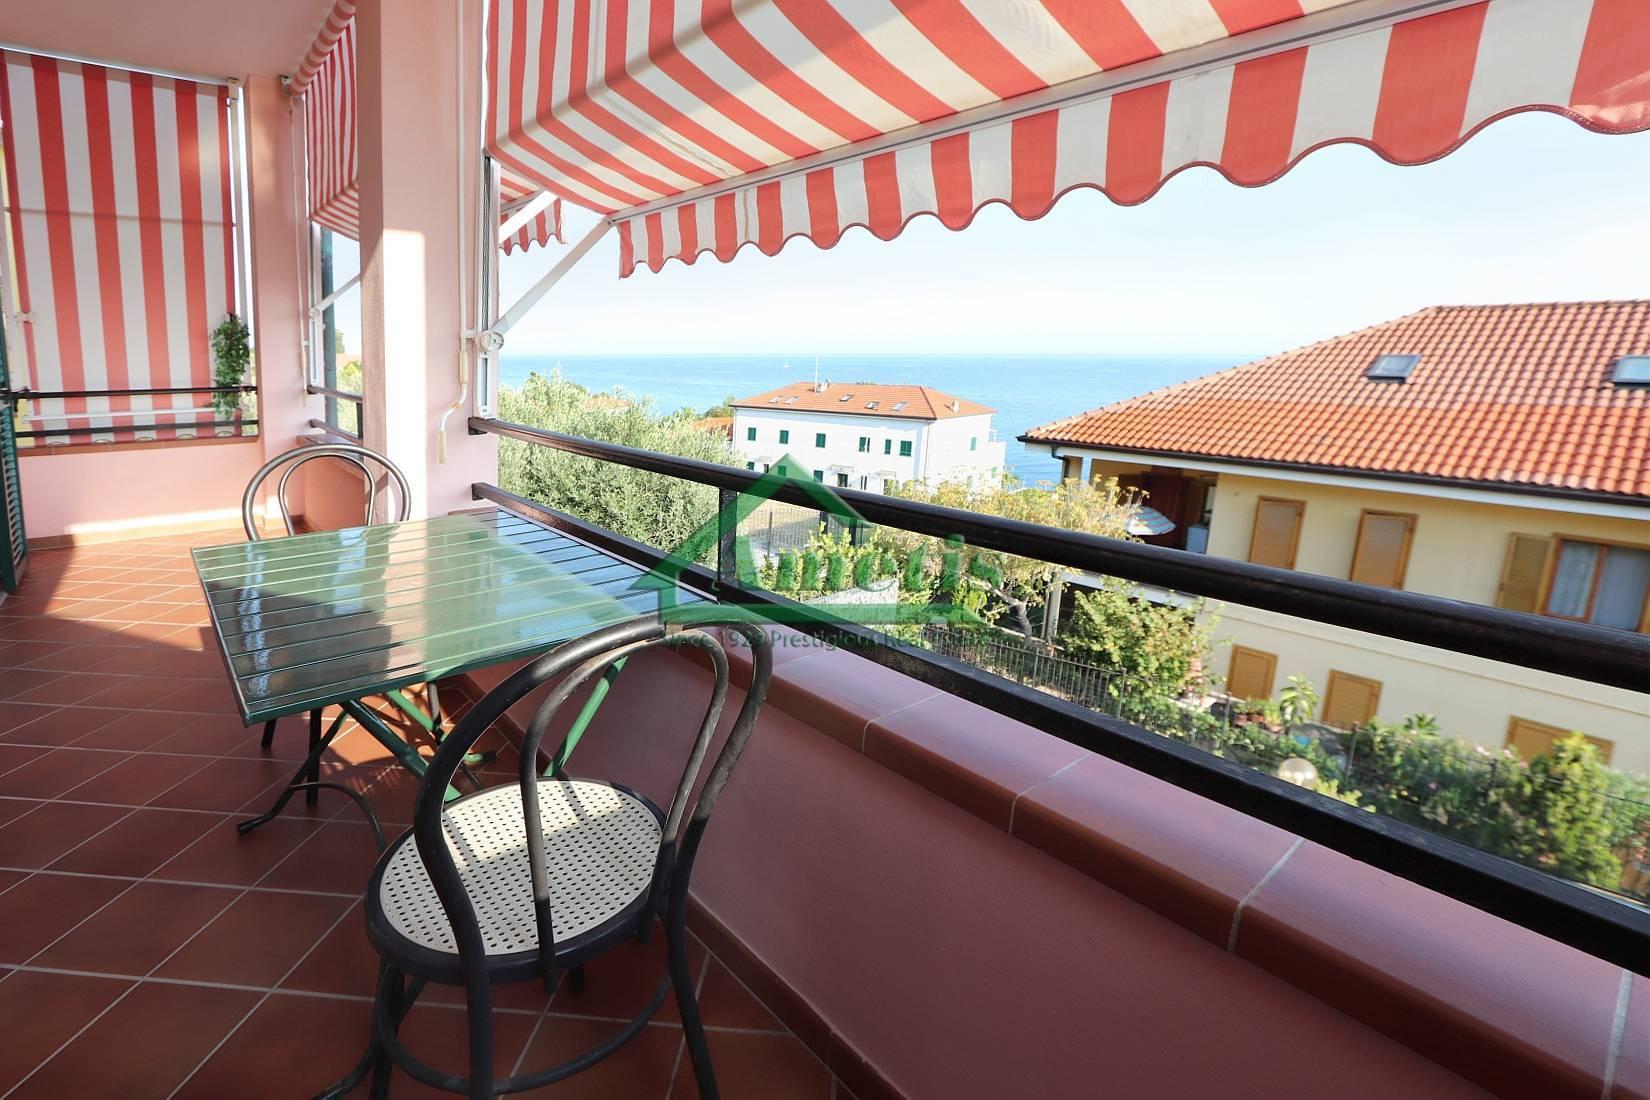 Appartamento in vendita a Cipressa, 3 locali, zona Zona: Piani, prezzo € 285.000 | CambioCasa.it